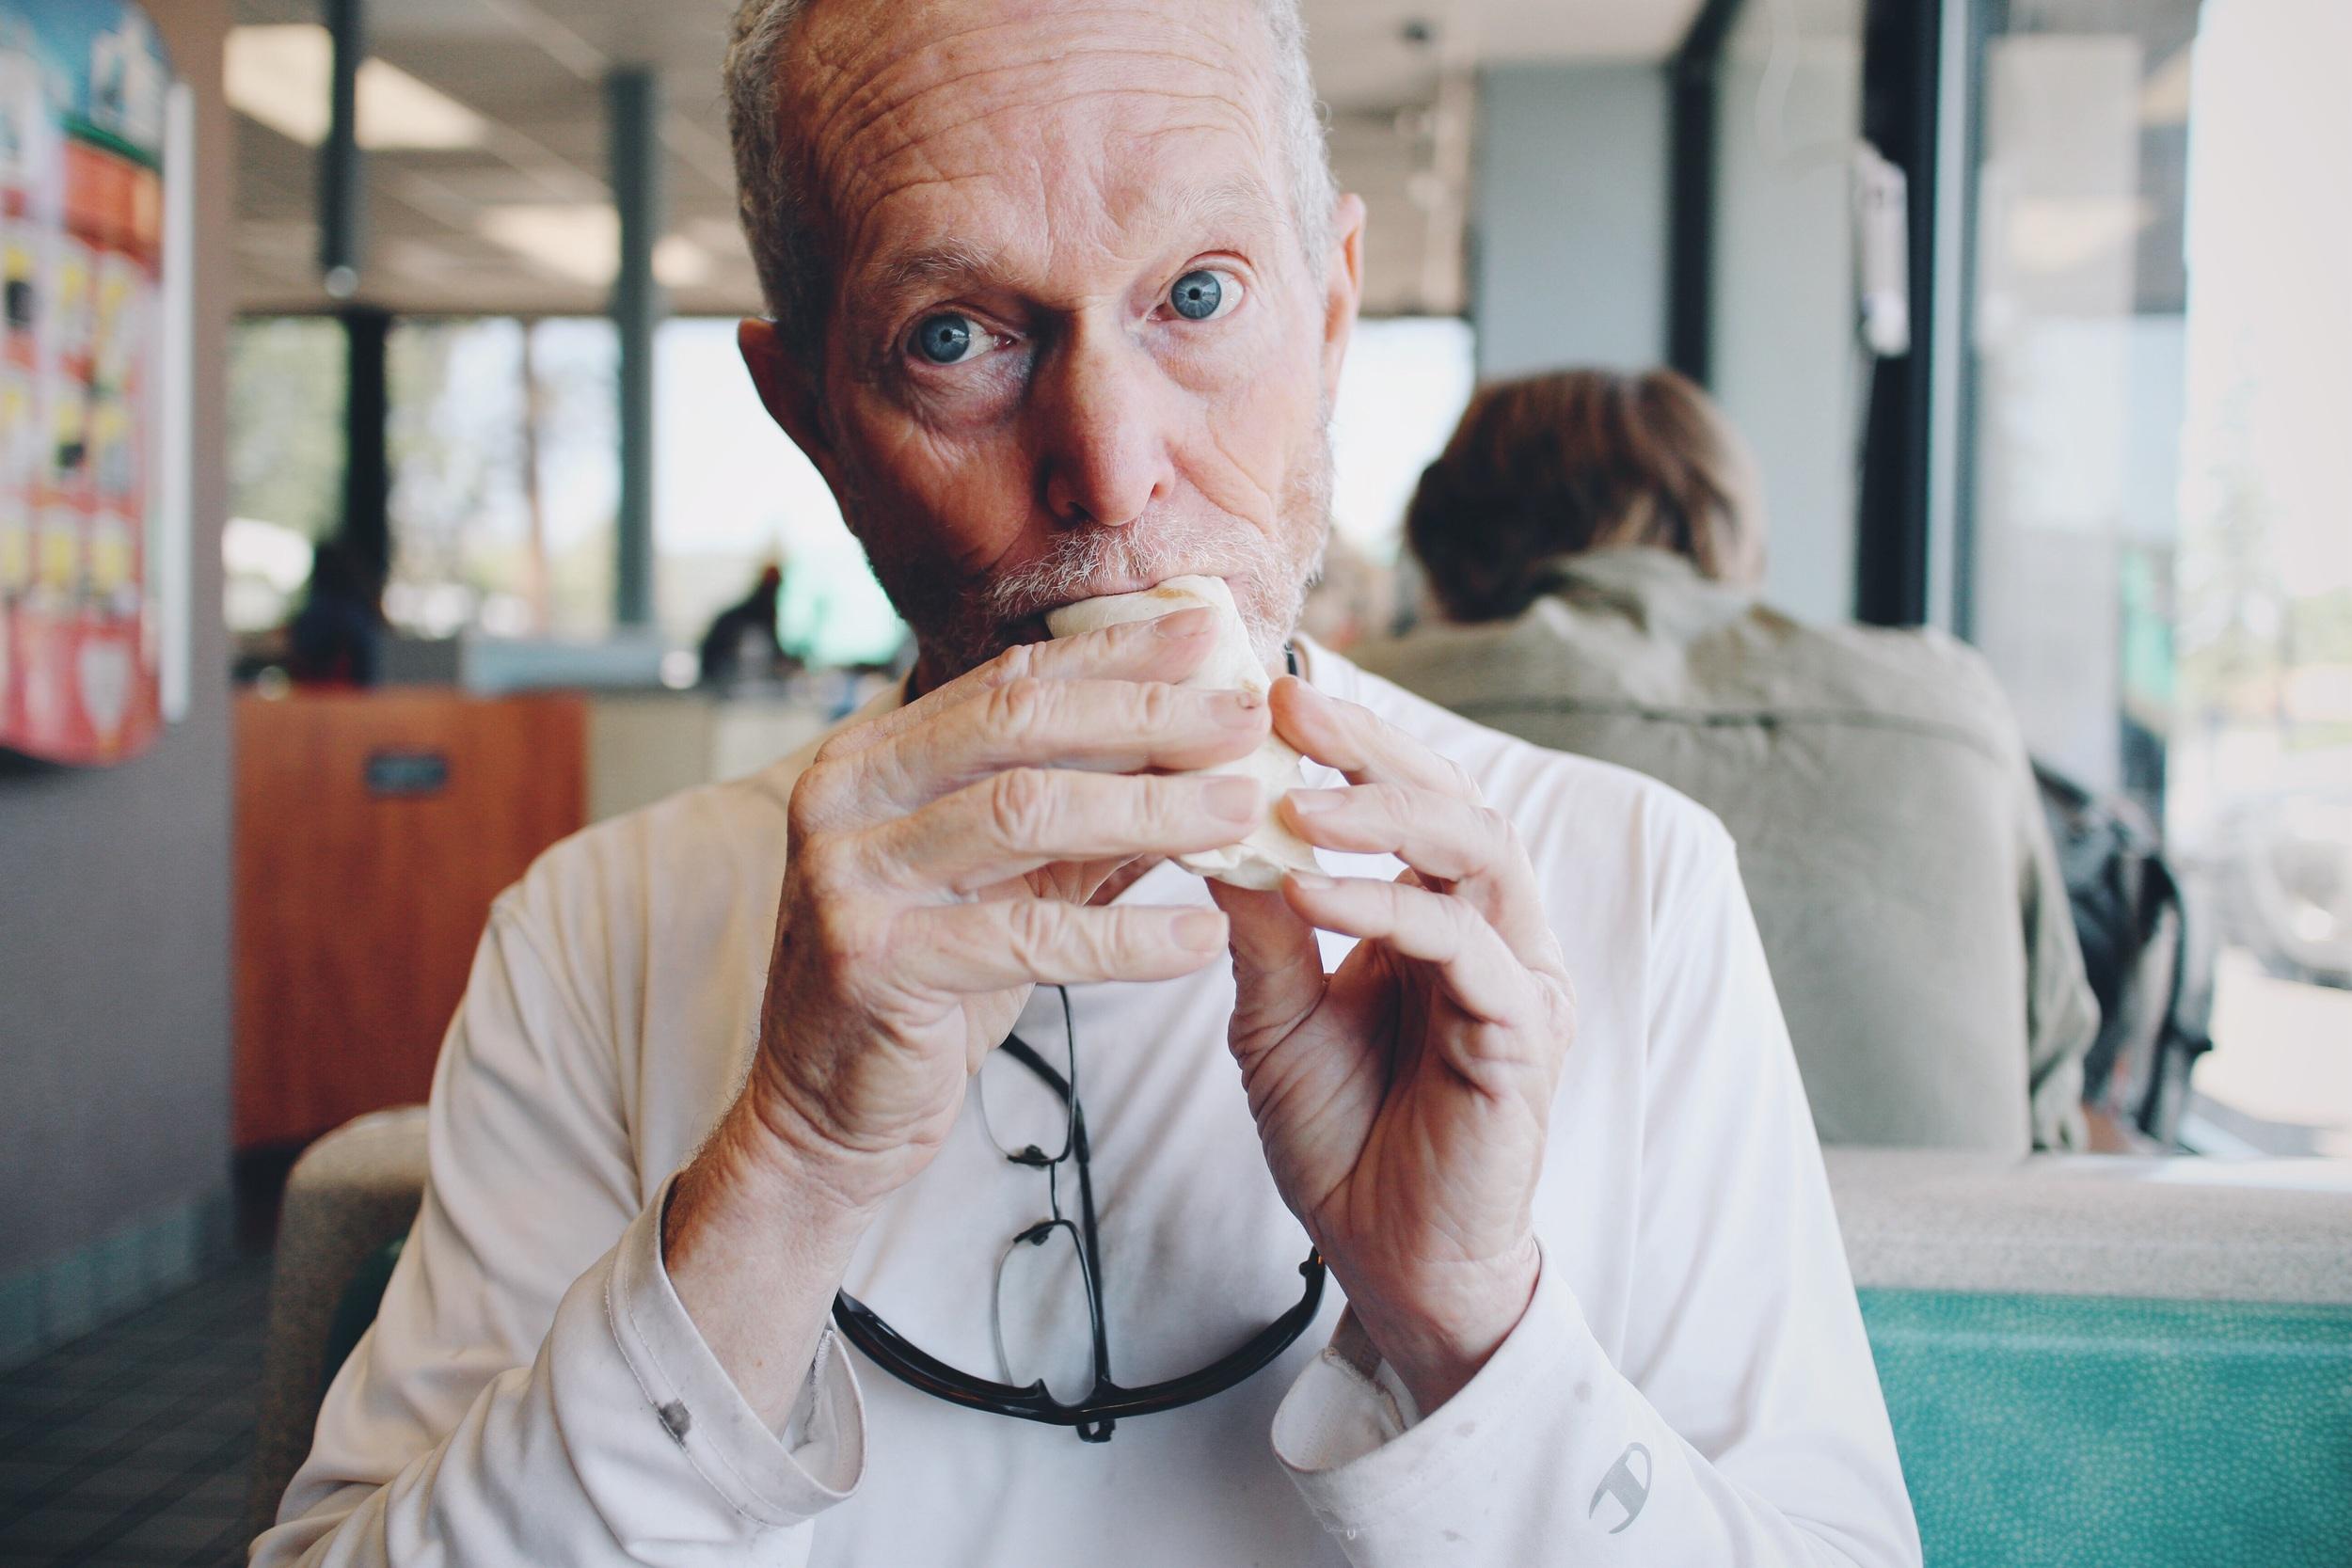 David eating his breakfast taco at McDs.